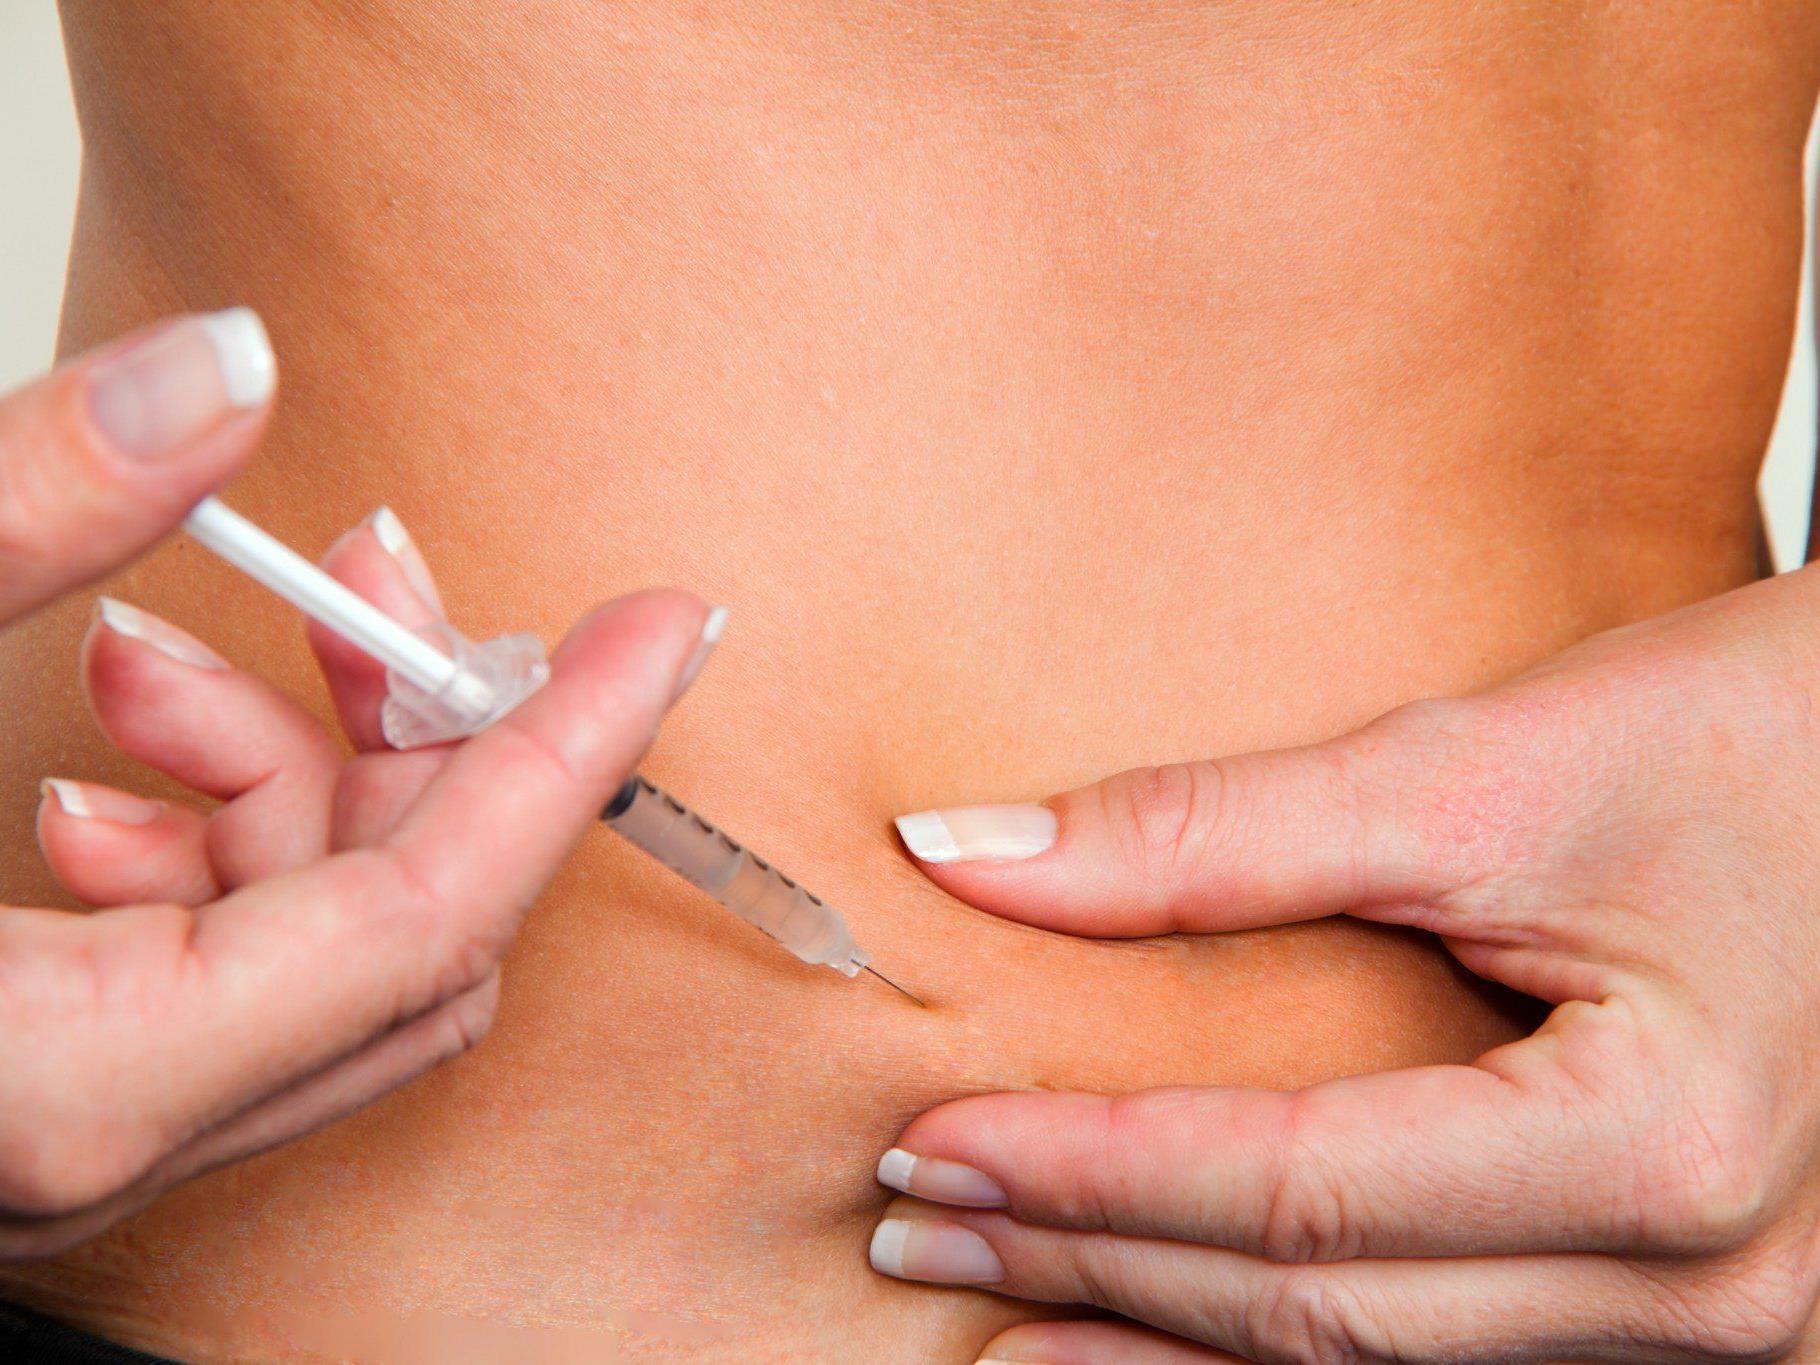 Für Diabetiker soll die Insulin-Therapie angenehmer werden.